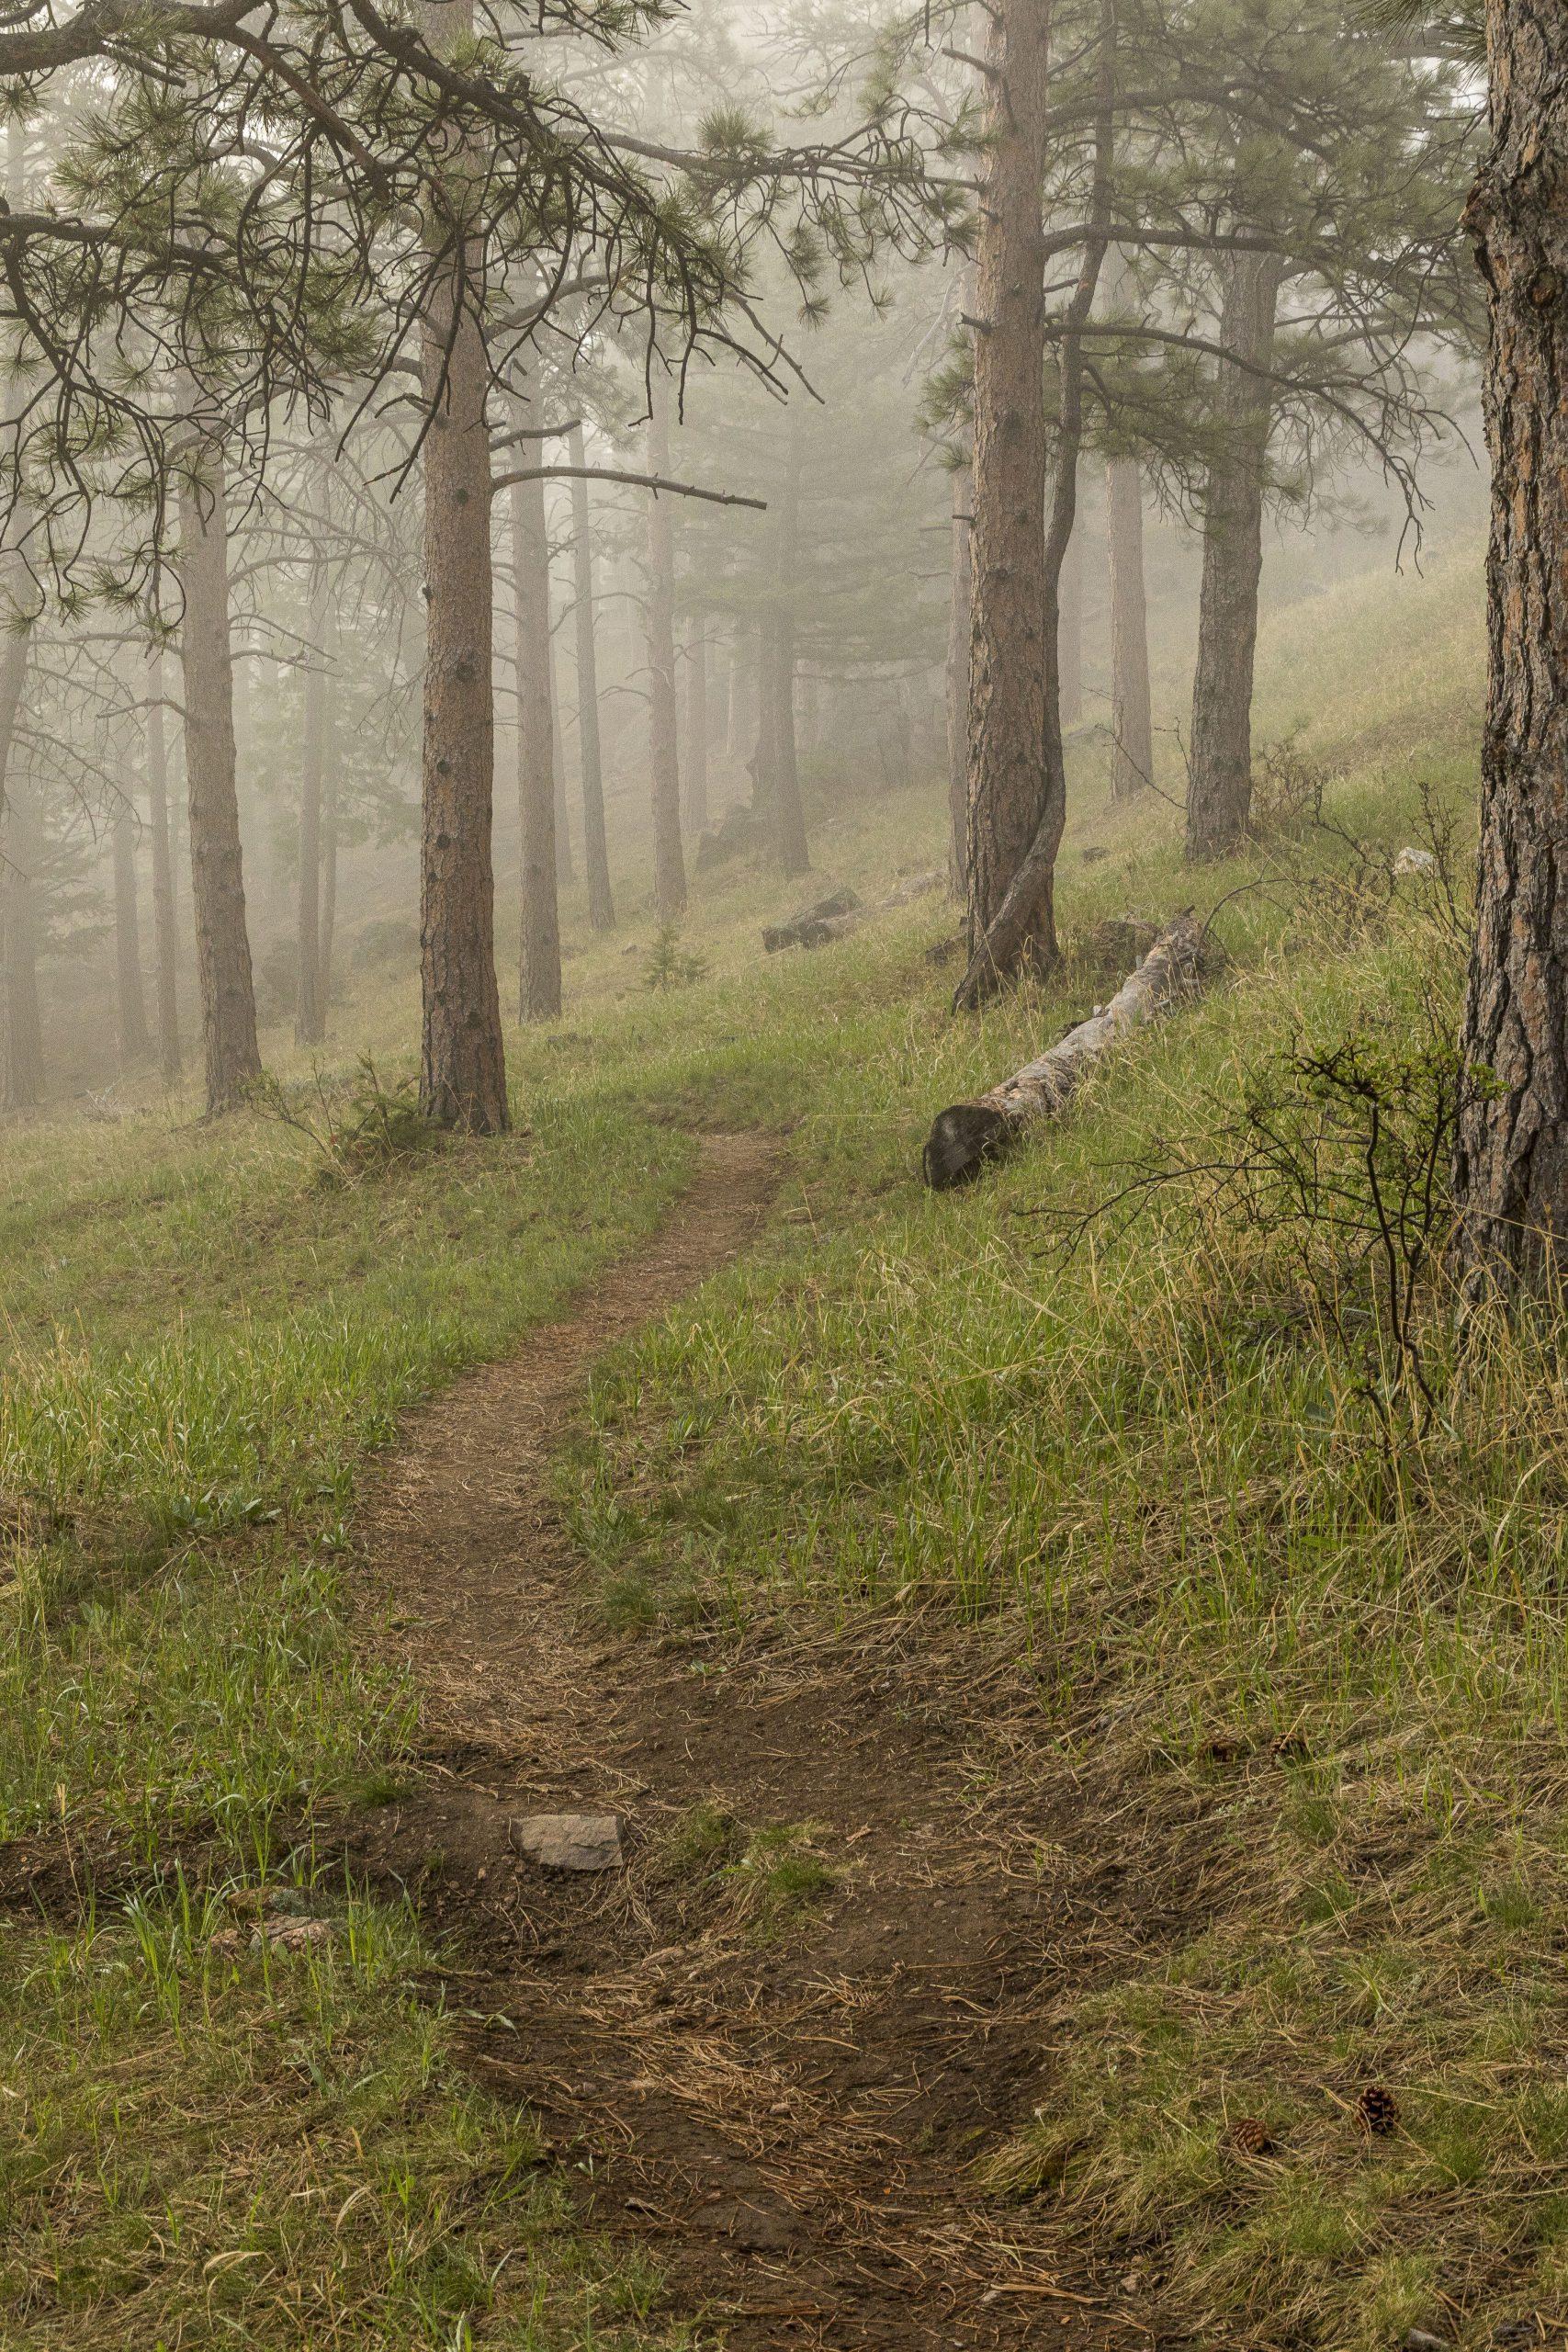 v2- Upper Montane Fog with Trail